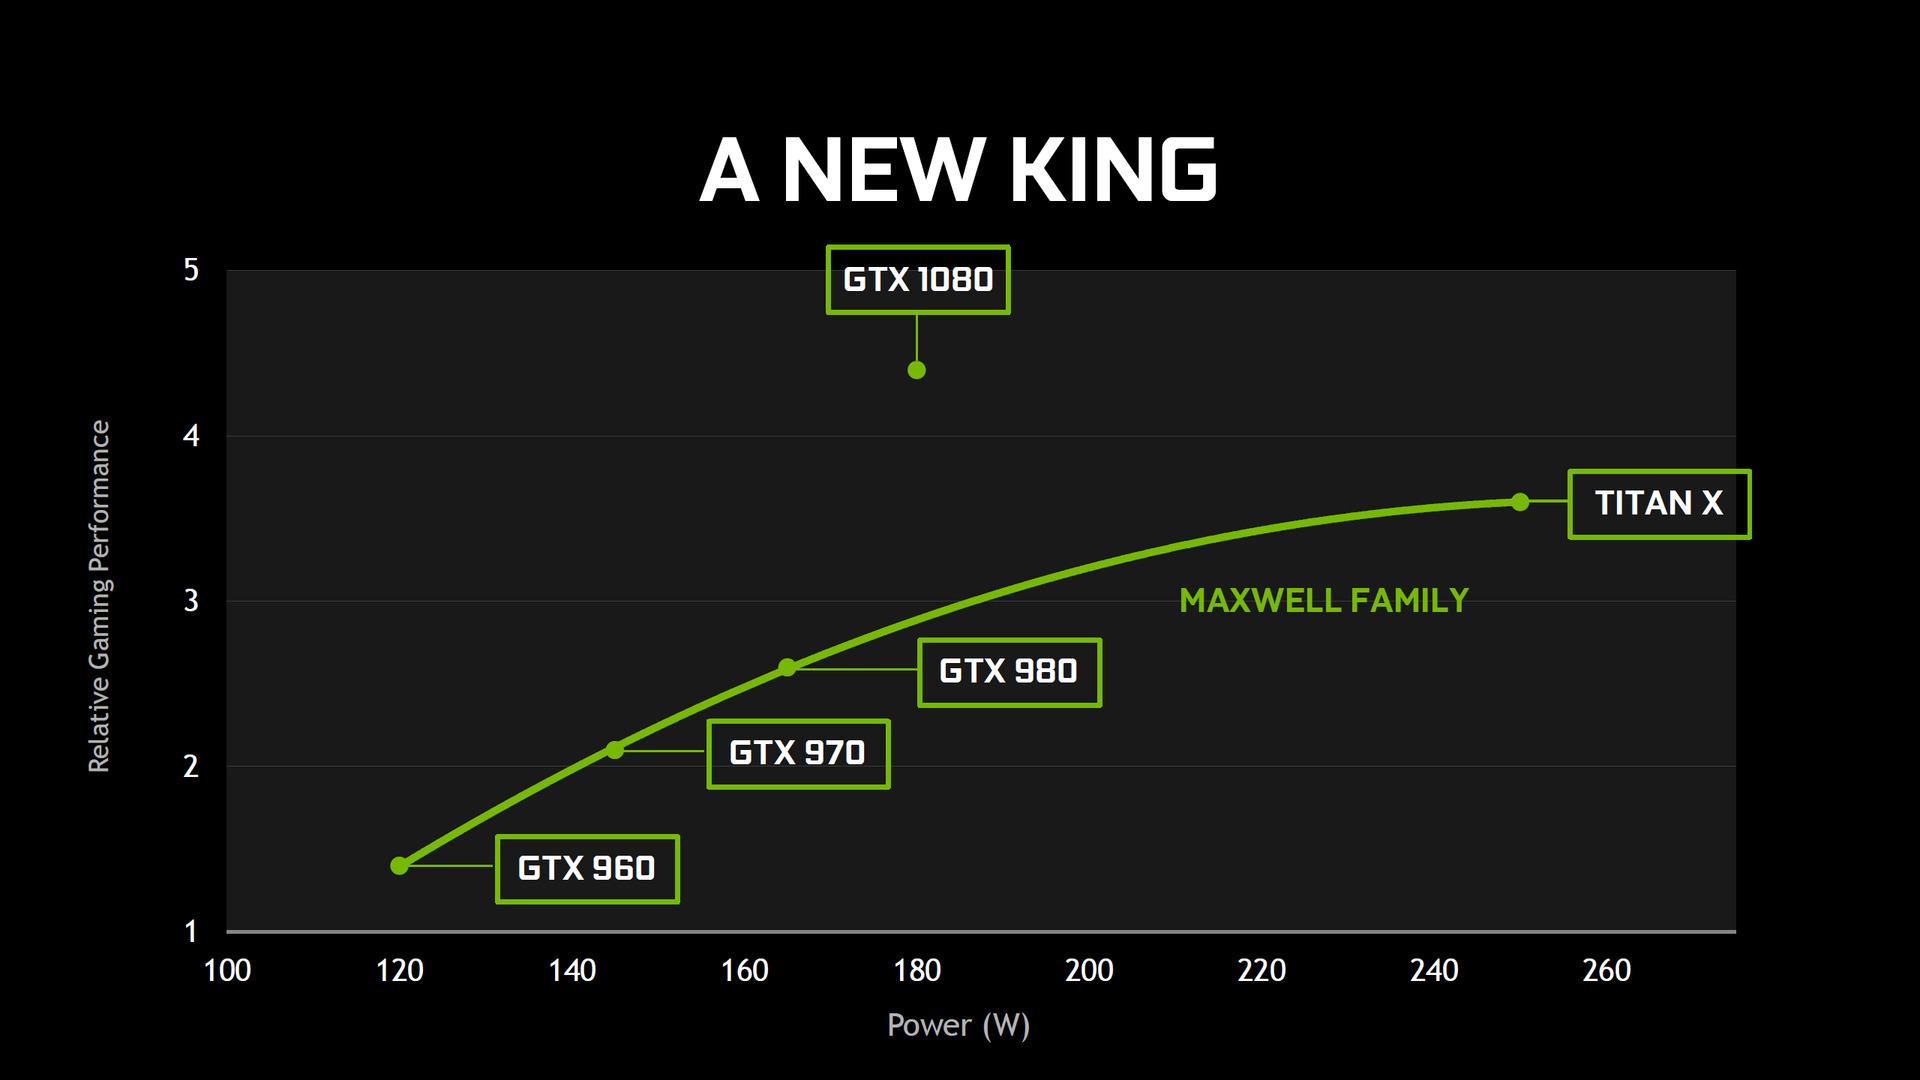 「GTX 1080はTitan Xより速い」とするグラフ